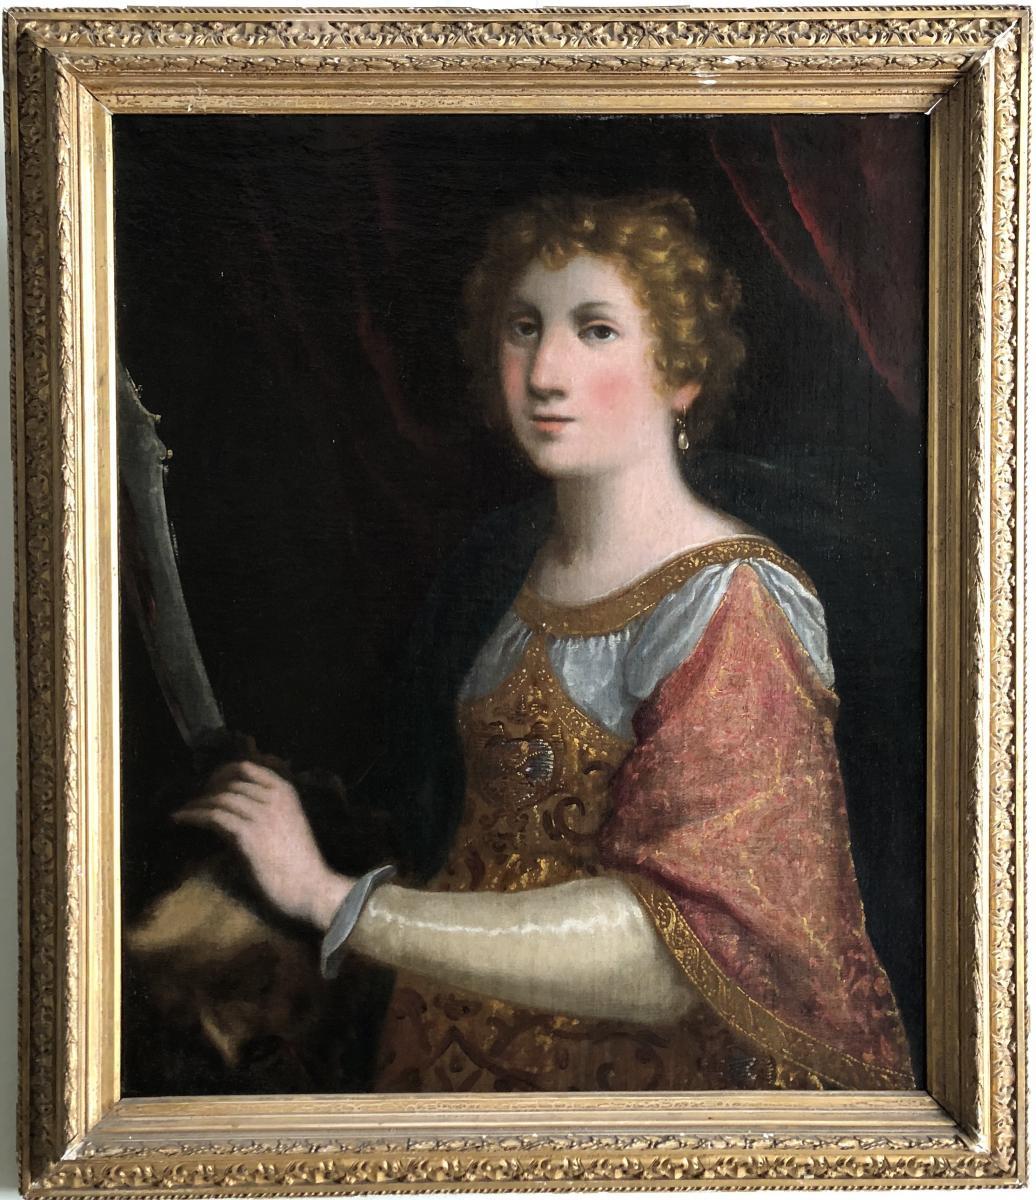 Ottaviano Dandini, Judith Et Holopherne